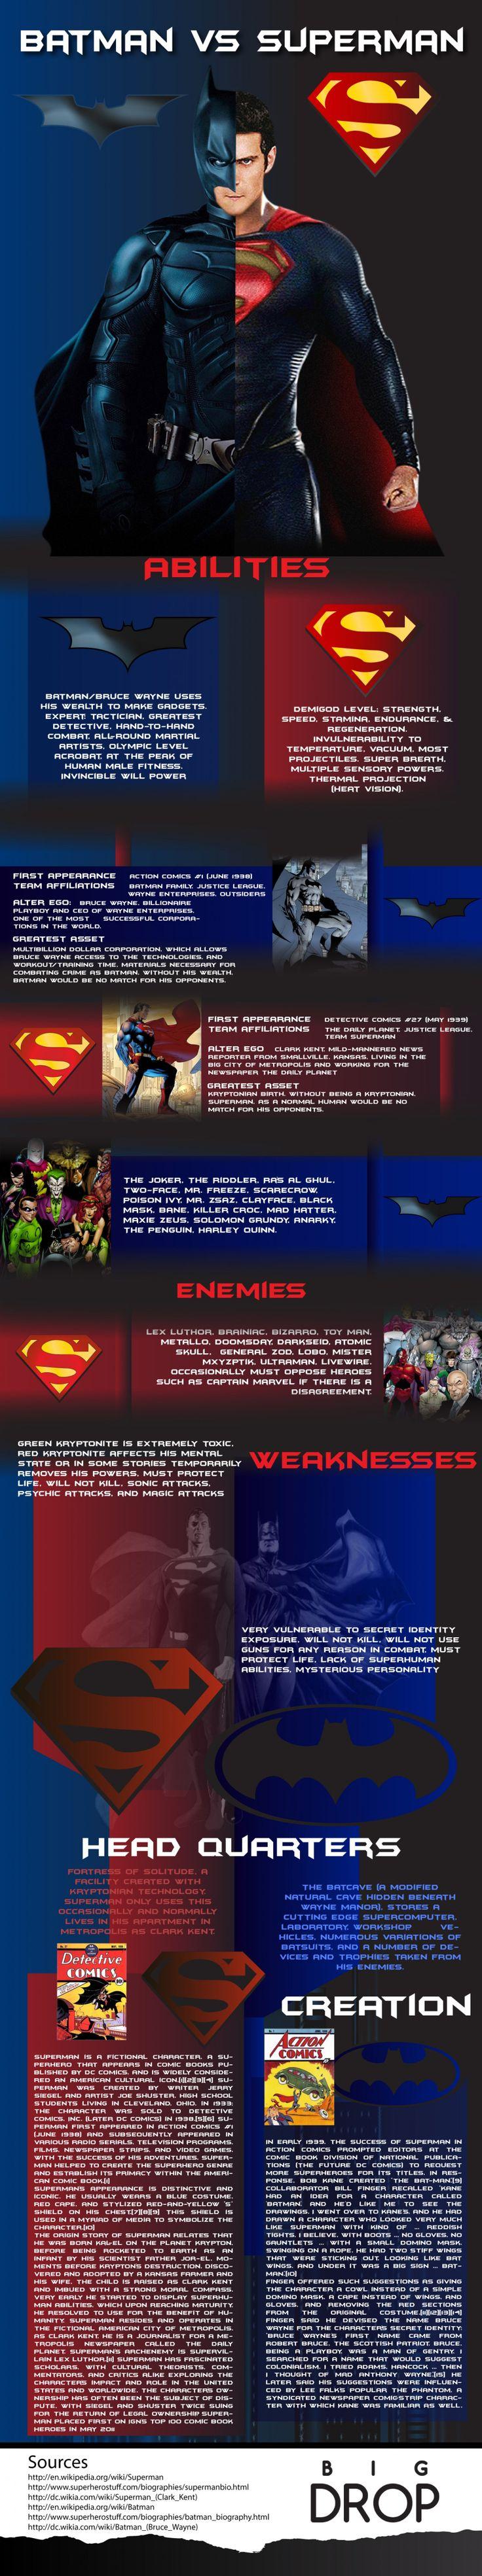 Batman VS Superman Infographic Superman>Batman